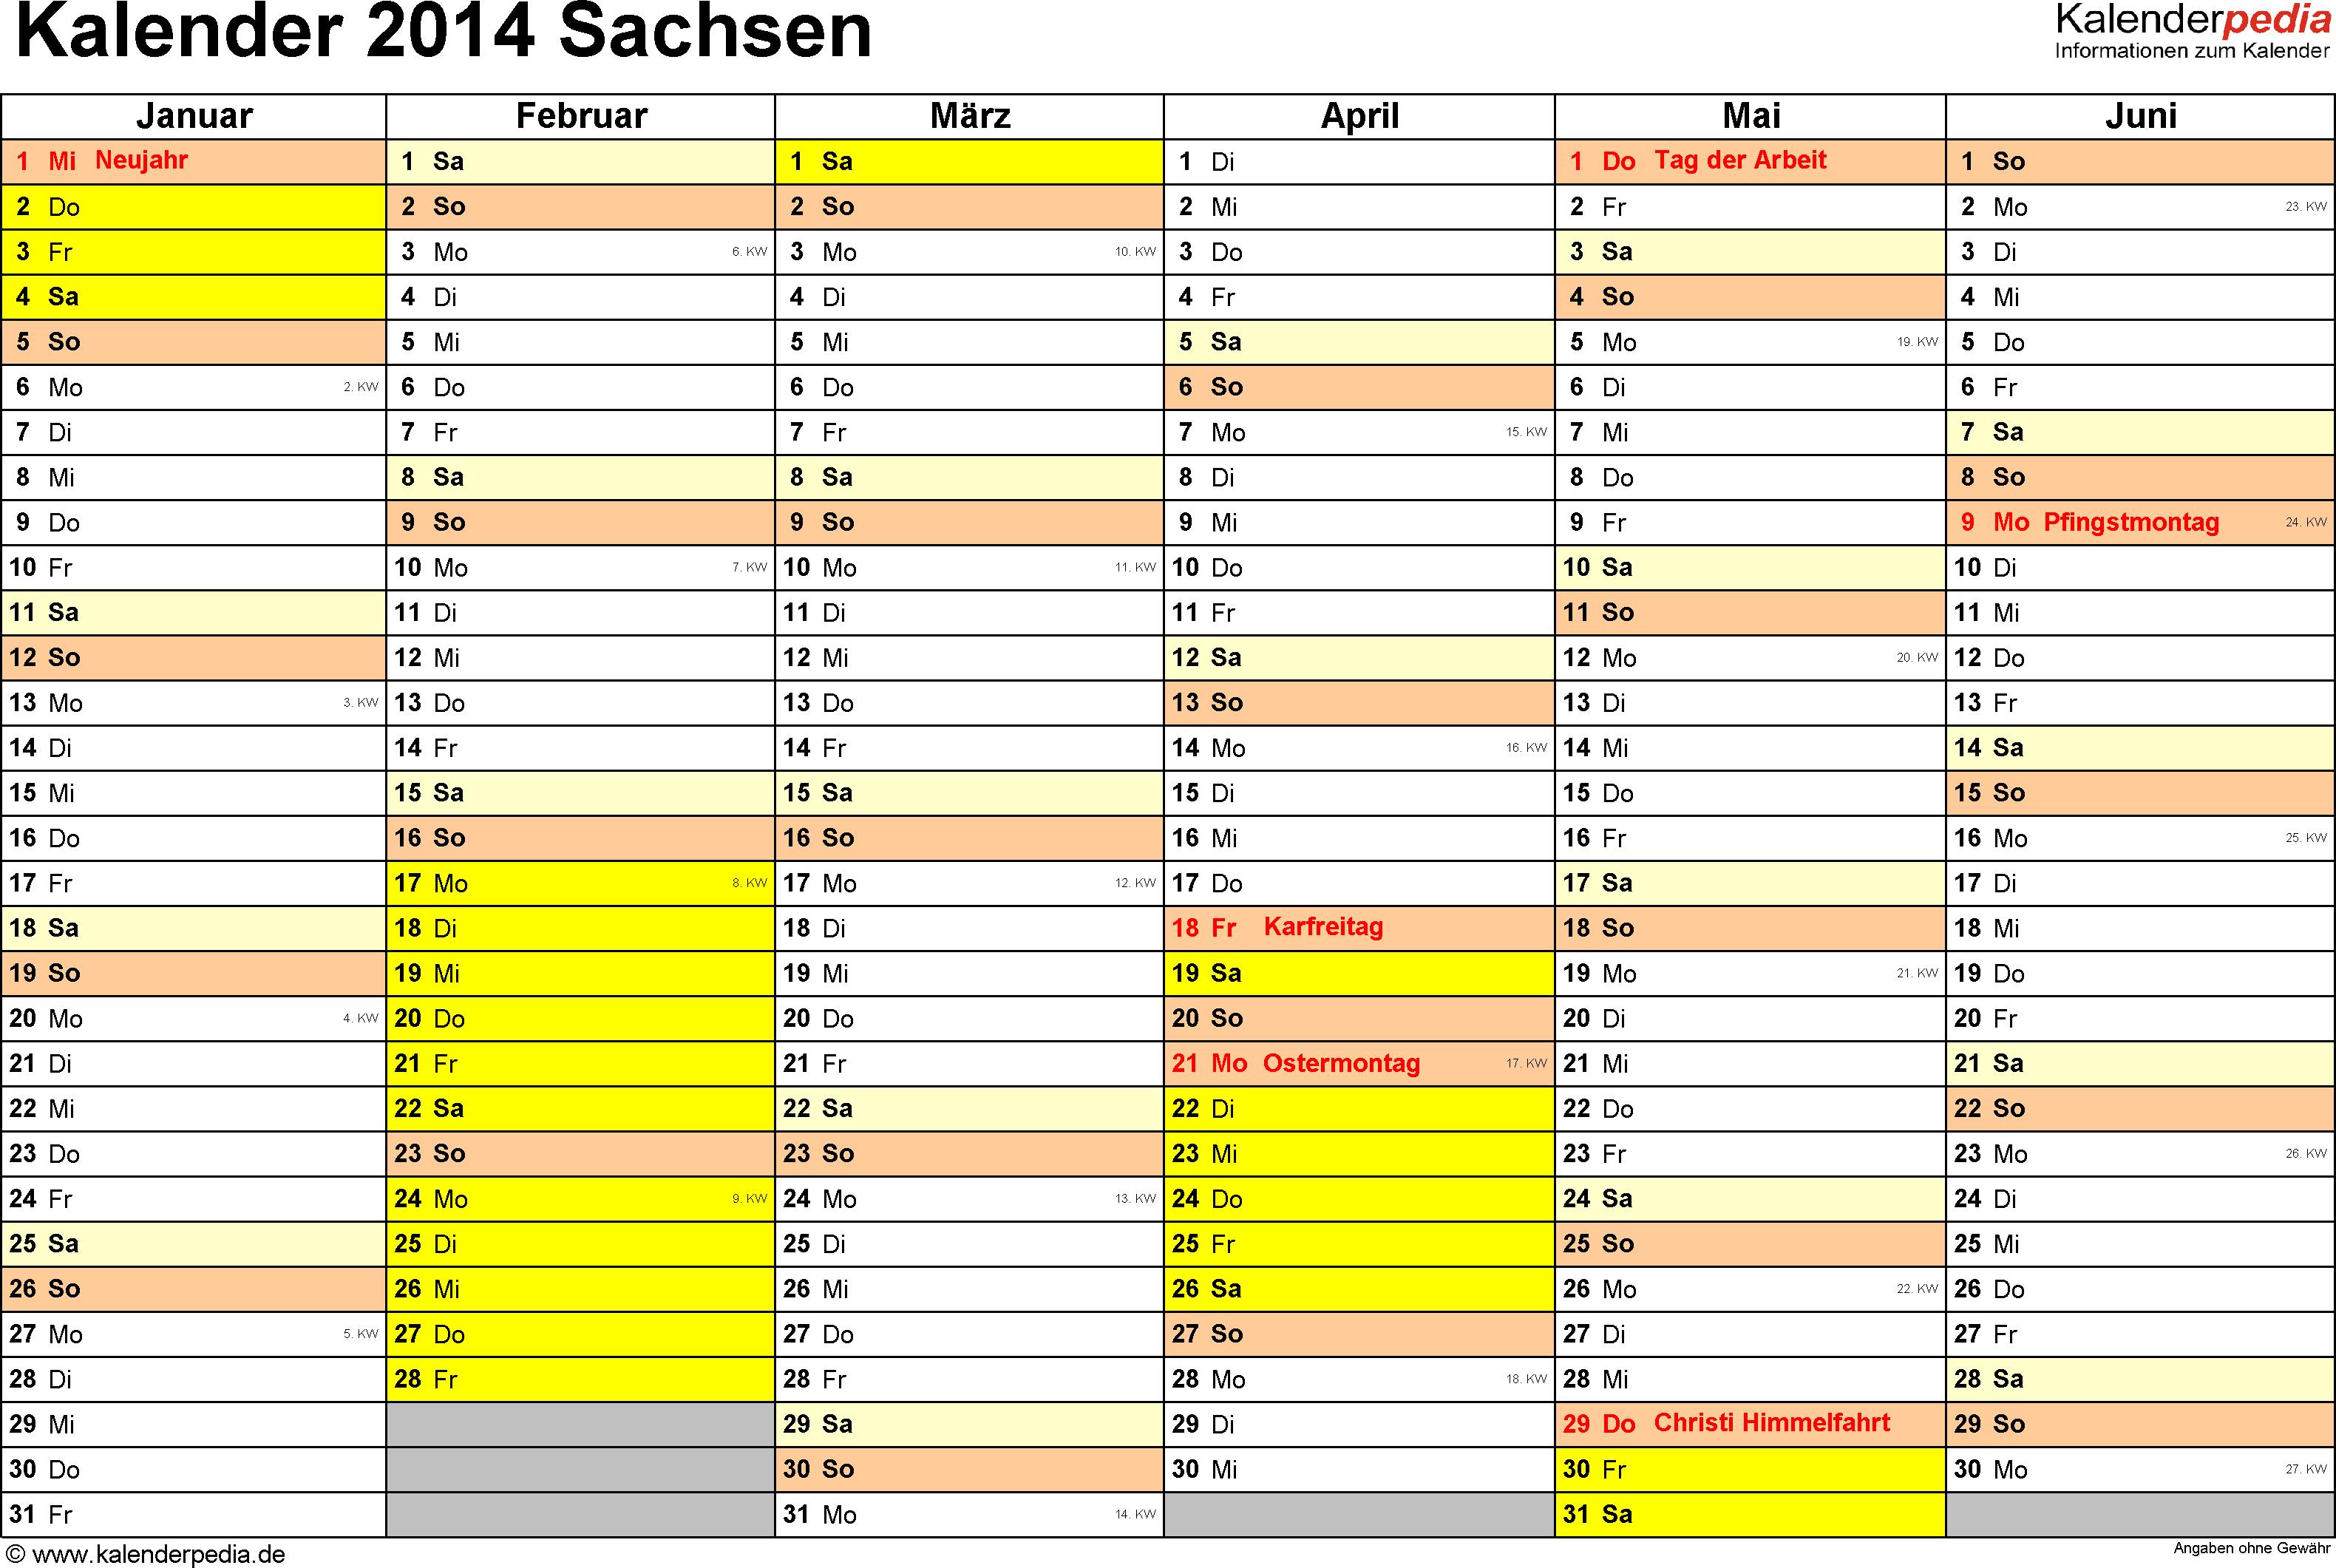 Vorlage 2: Kalender 2014 für Sachsen als Excel-Vorlage (Querformat, 2 Seiten)